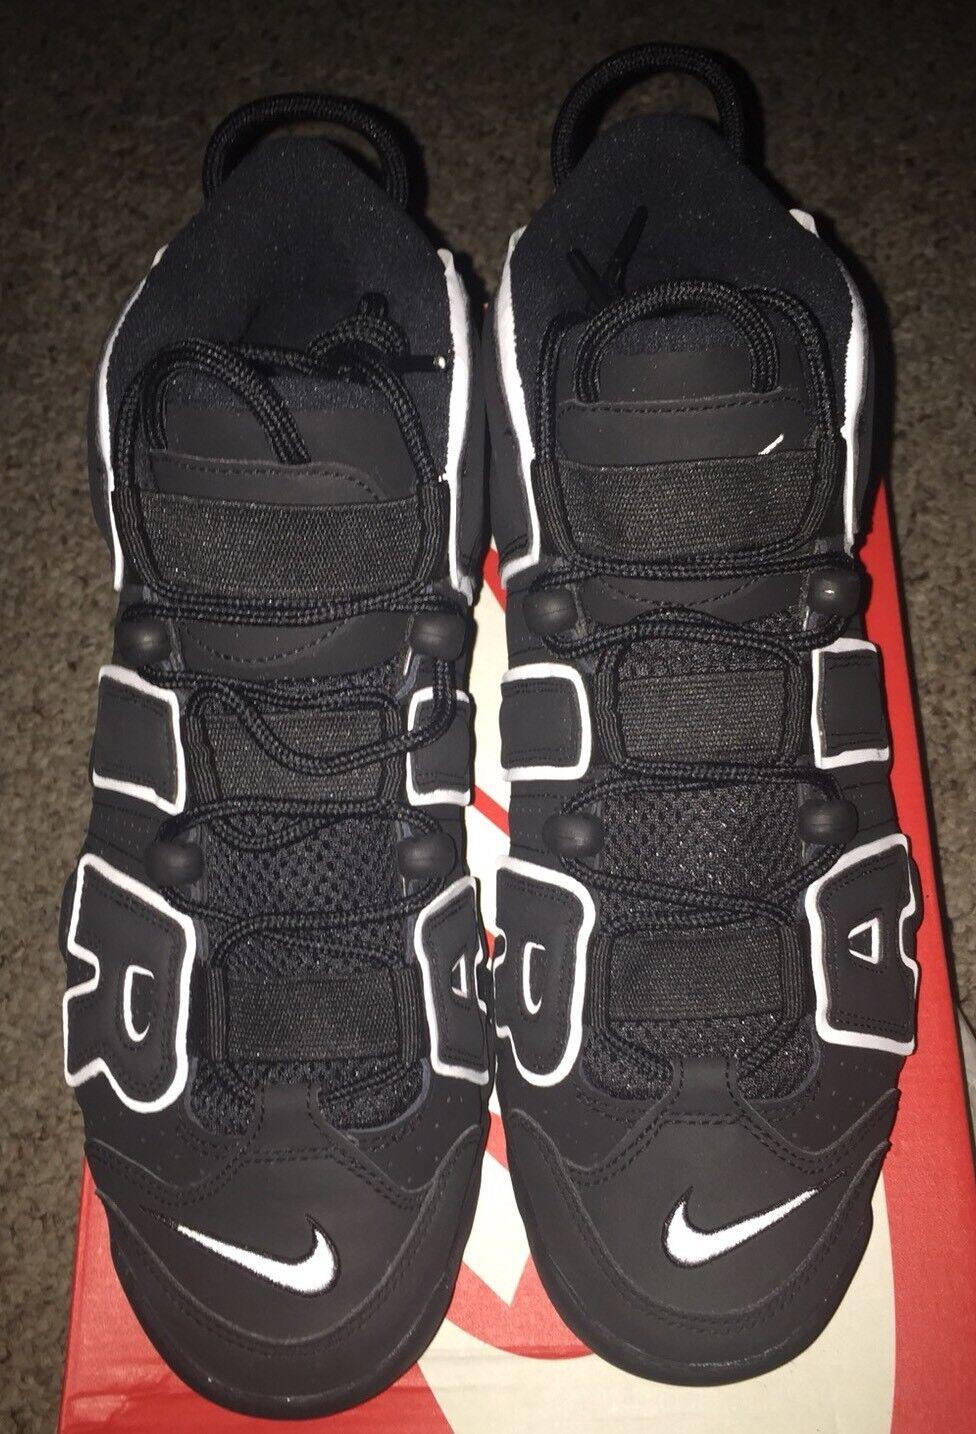 premium selection 84afe 767c9 Nike Air more Uptempo Scottie Pippen Hombre cómodo cómodo cómodo  confortable y atractivo 93fee9